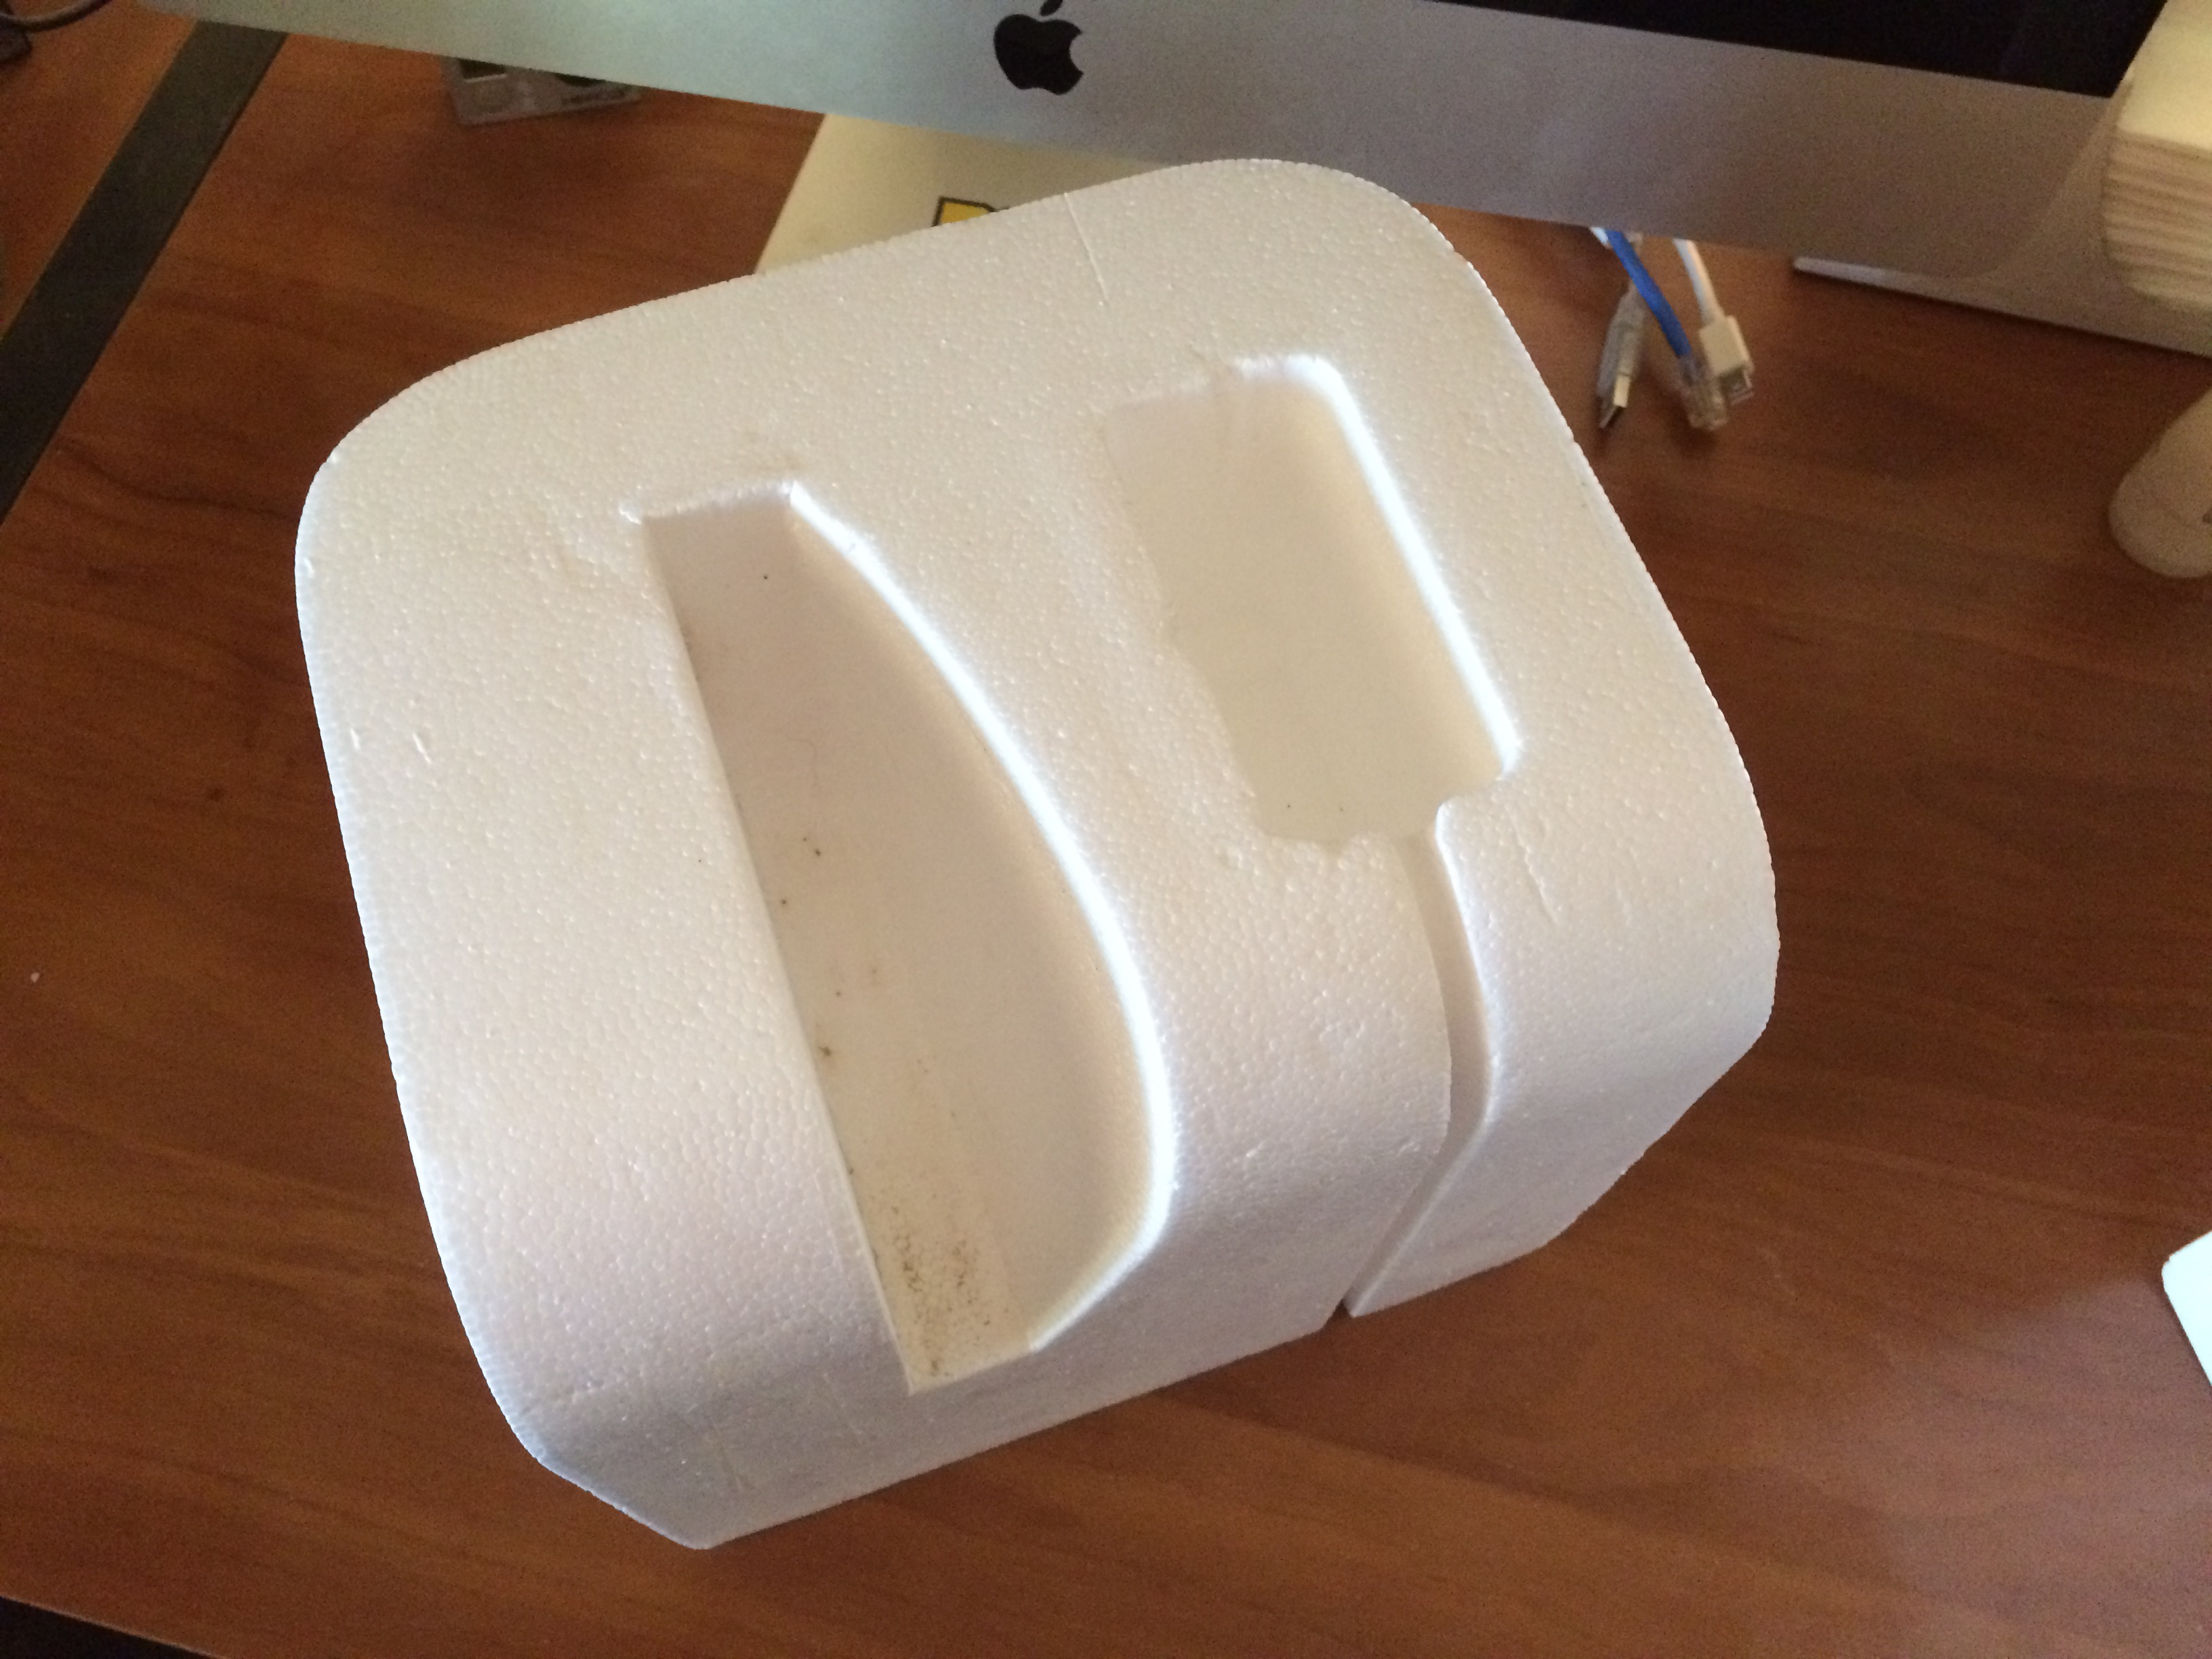 Bottom Left Styrofoam